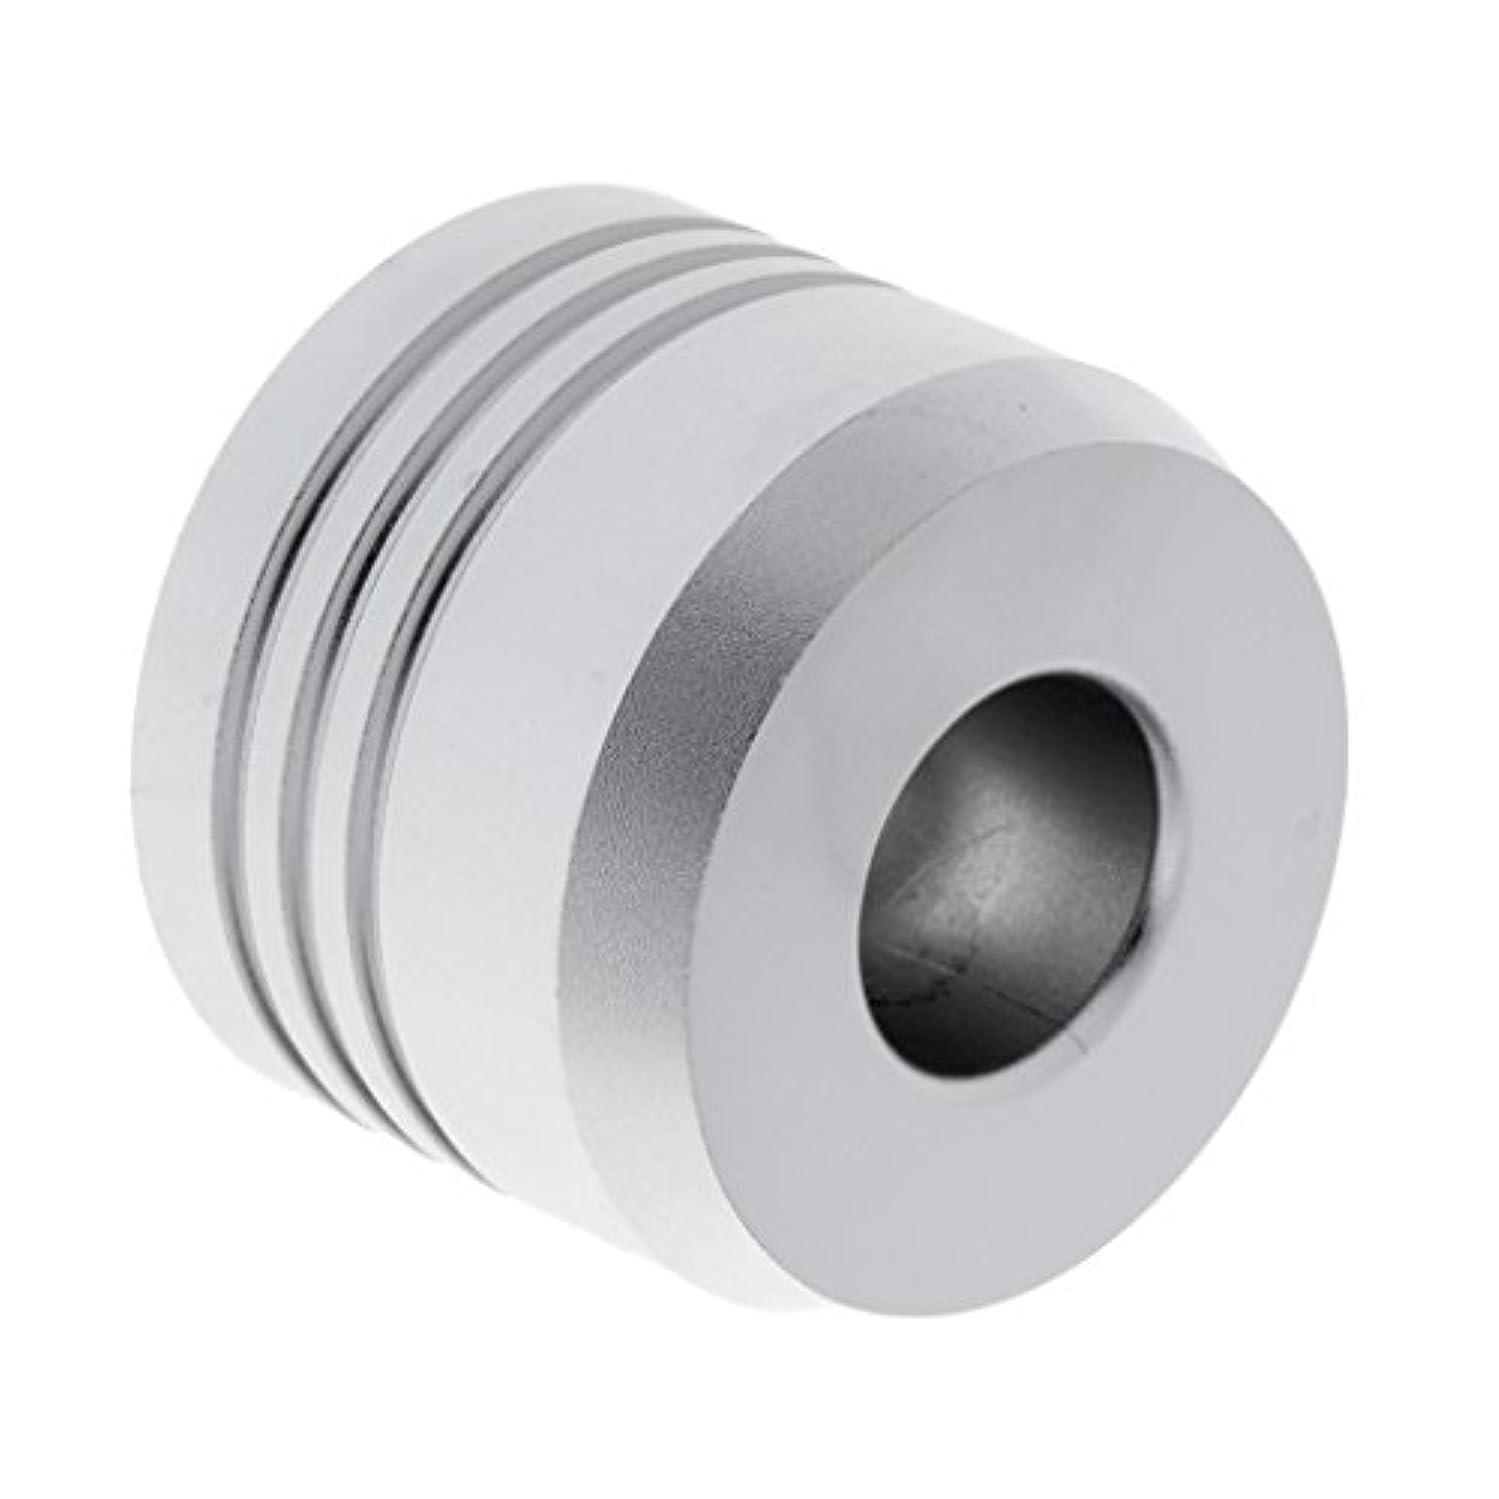 幸運なことに命令受粉するセーフティカミソリスタンド スタンド メンズ シェービング カミソリホルダー サポート 調節可能 シェーバーベース 2色選べ - 銀